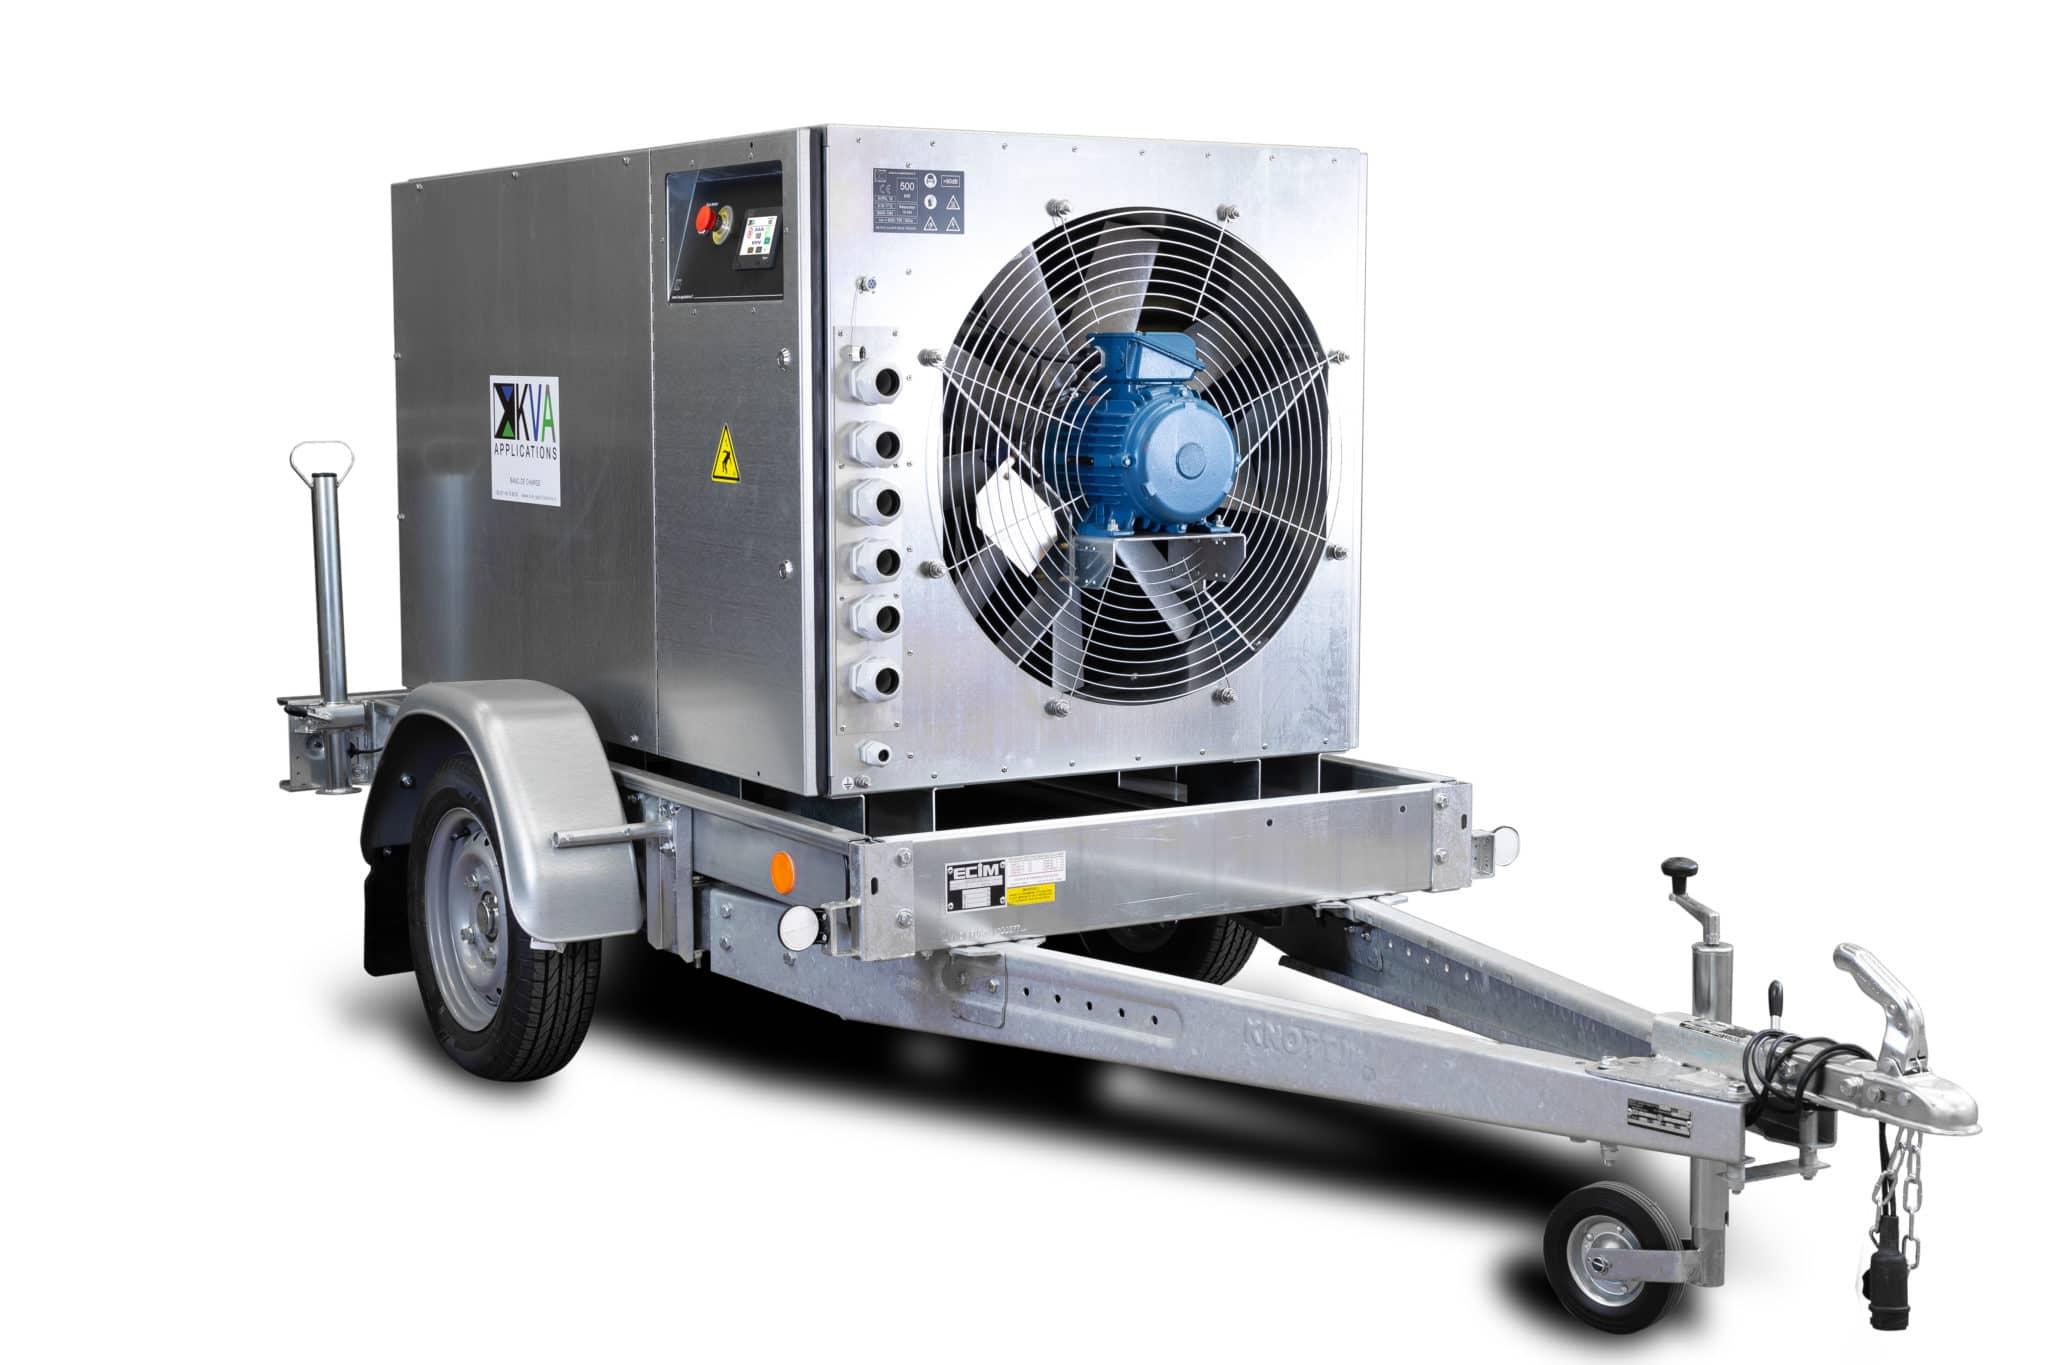 Banc de charge sur remorque pour tester équipements et sources d'énergie électriques